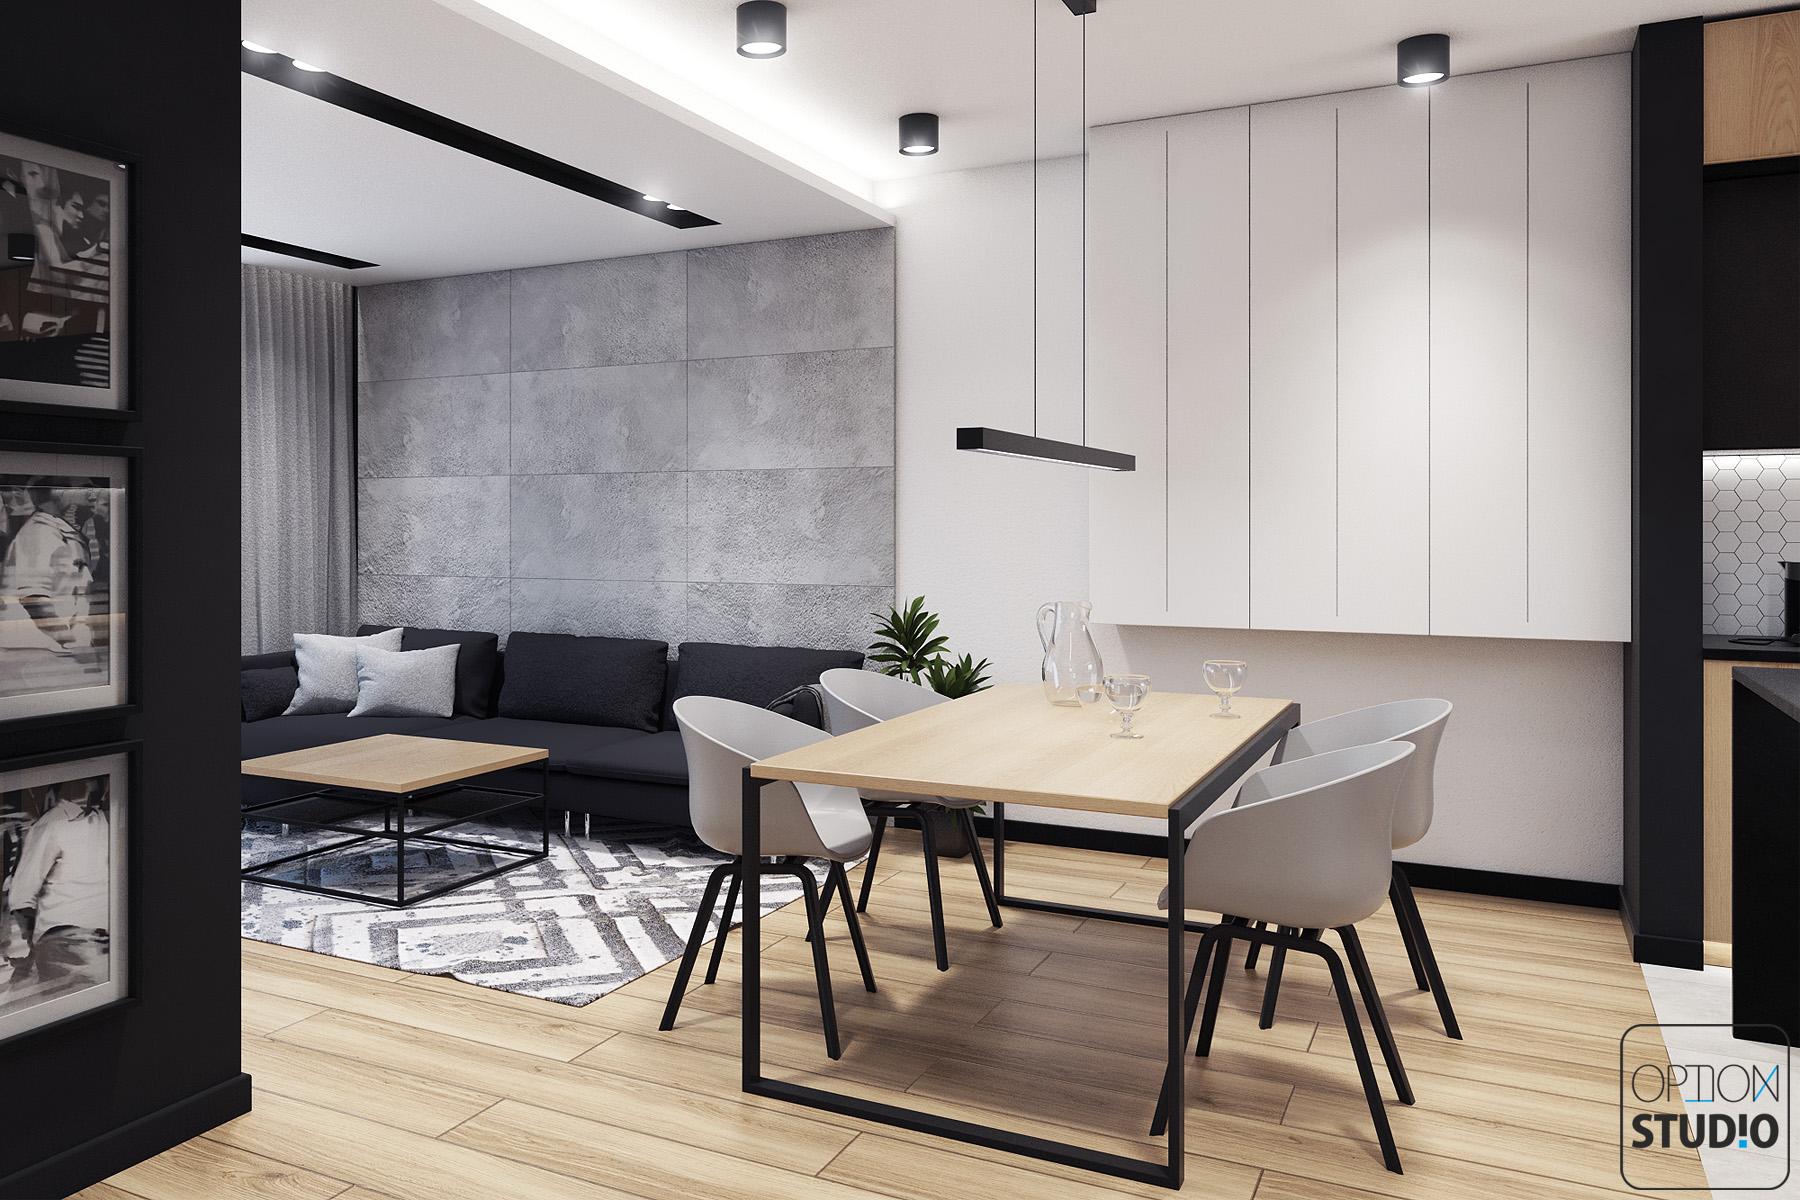 Architekt wnętrz - projekty wnętrz nowoczesnych - salon z aneksem kuchennym - aranżacje wnętrz domu pod Łodzią 1